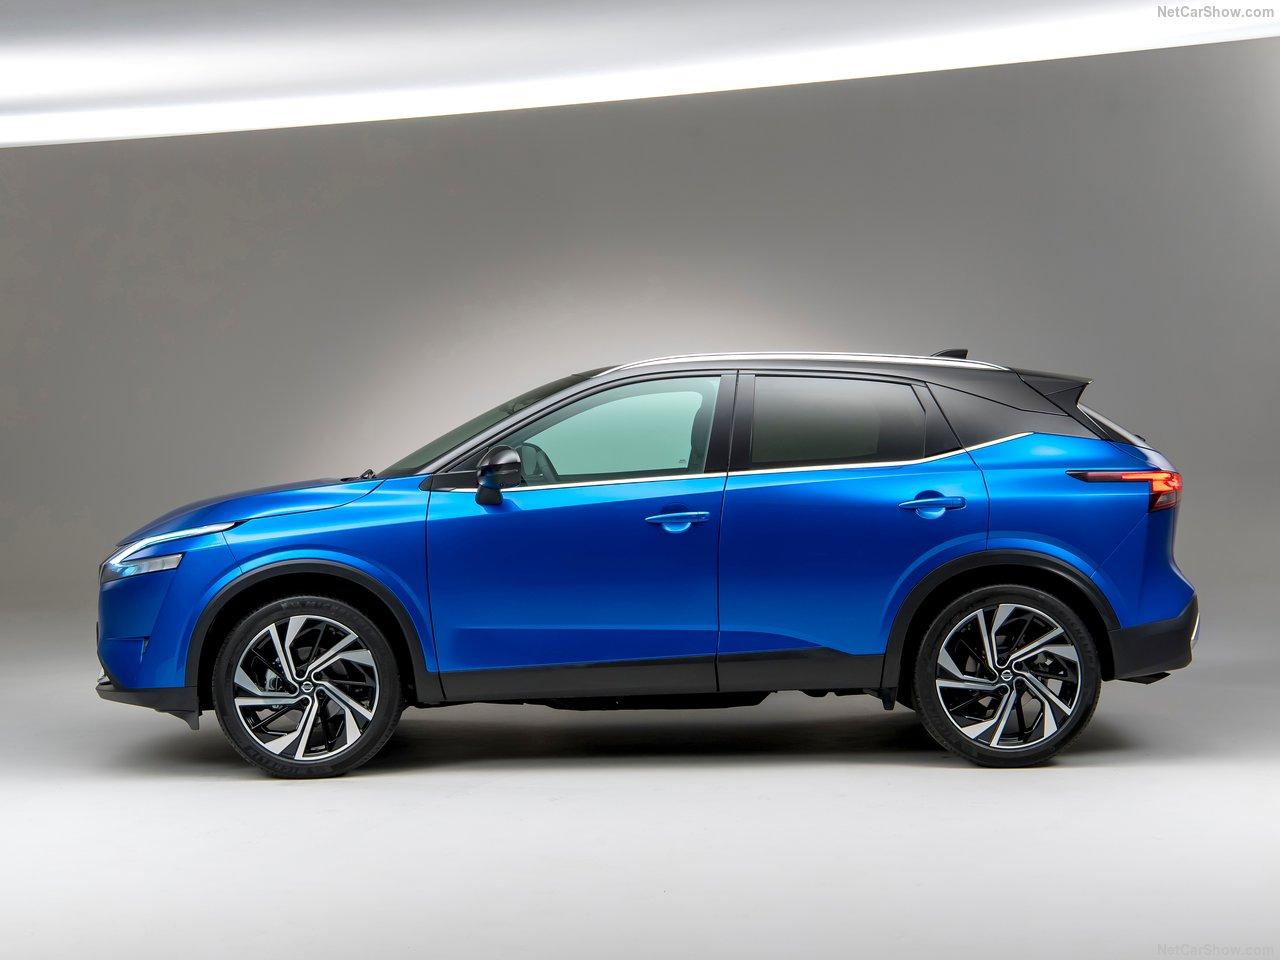 Nissan-Qashqai-2022-1280-26.jpg